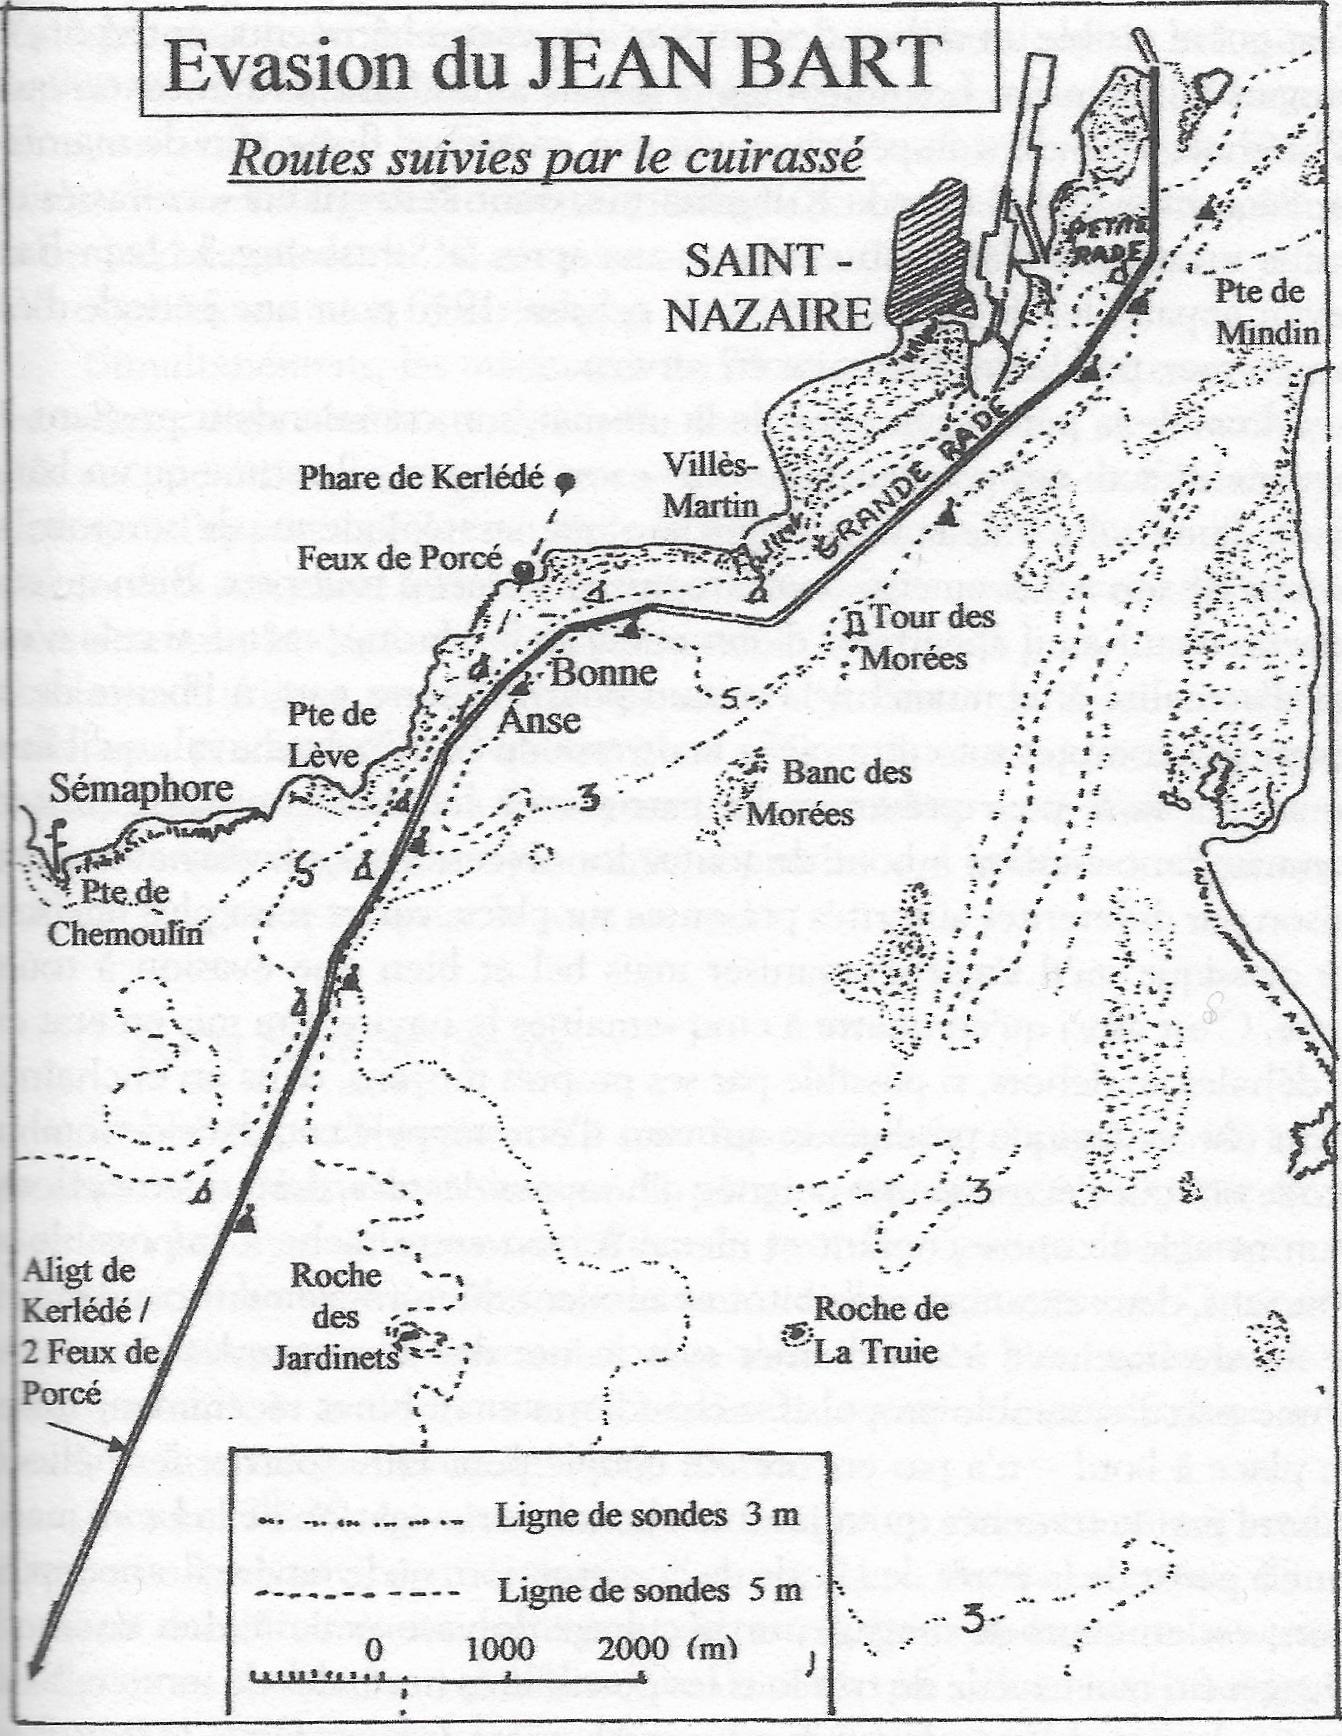 Evasion du Jean-Bart- in Pierre Guillou- Pilote de Loire- Geste editions- 2008.